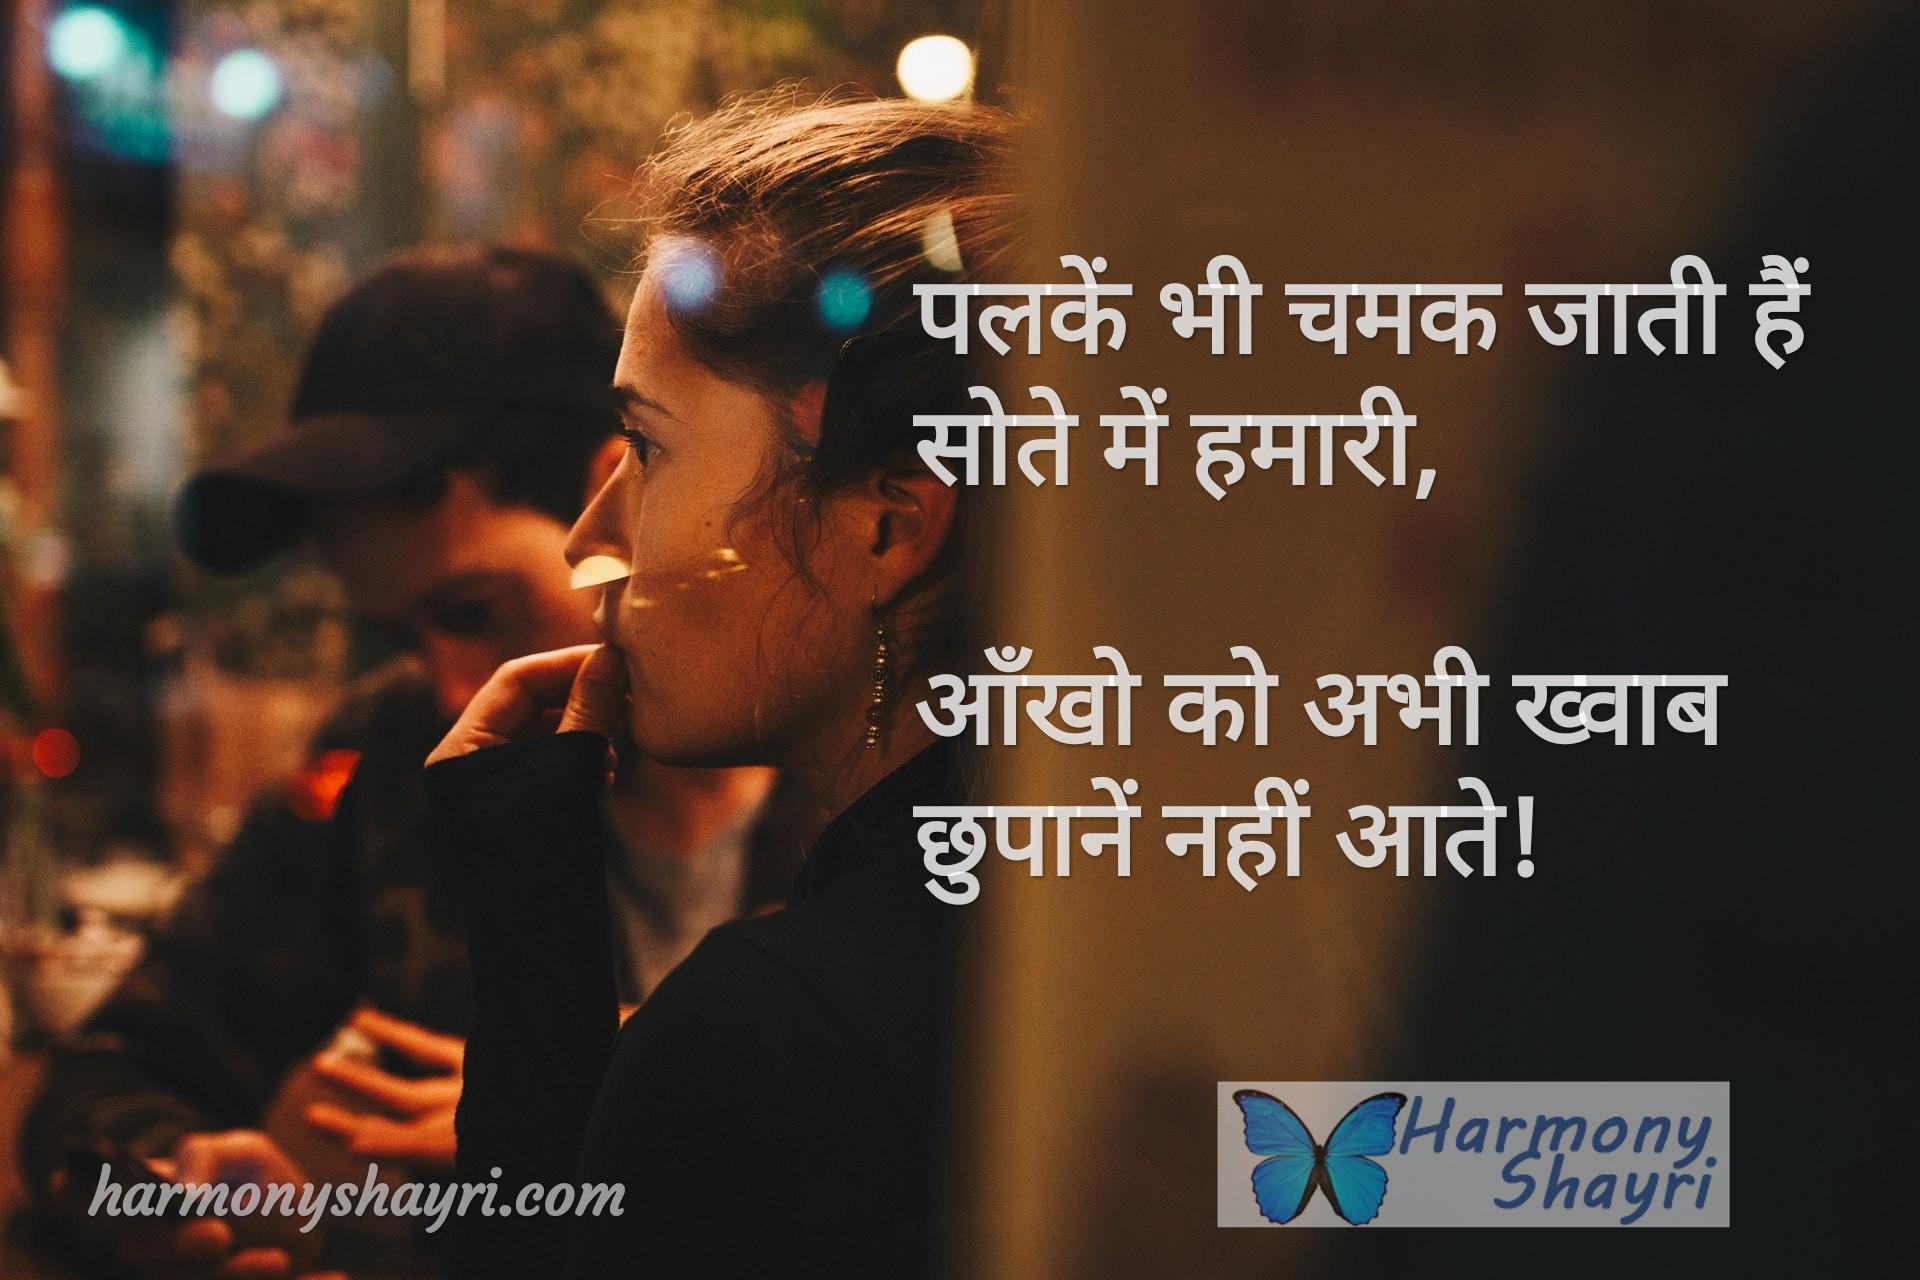 Palaken bhi chamak jati